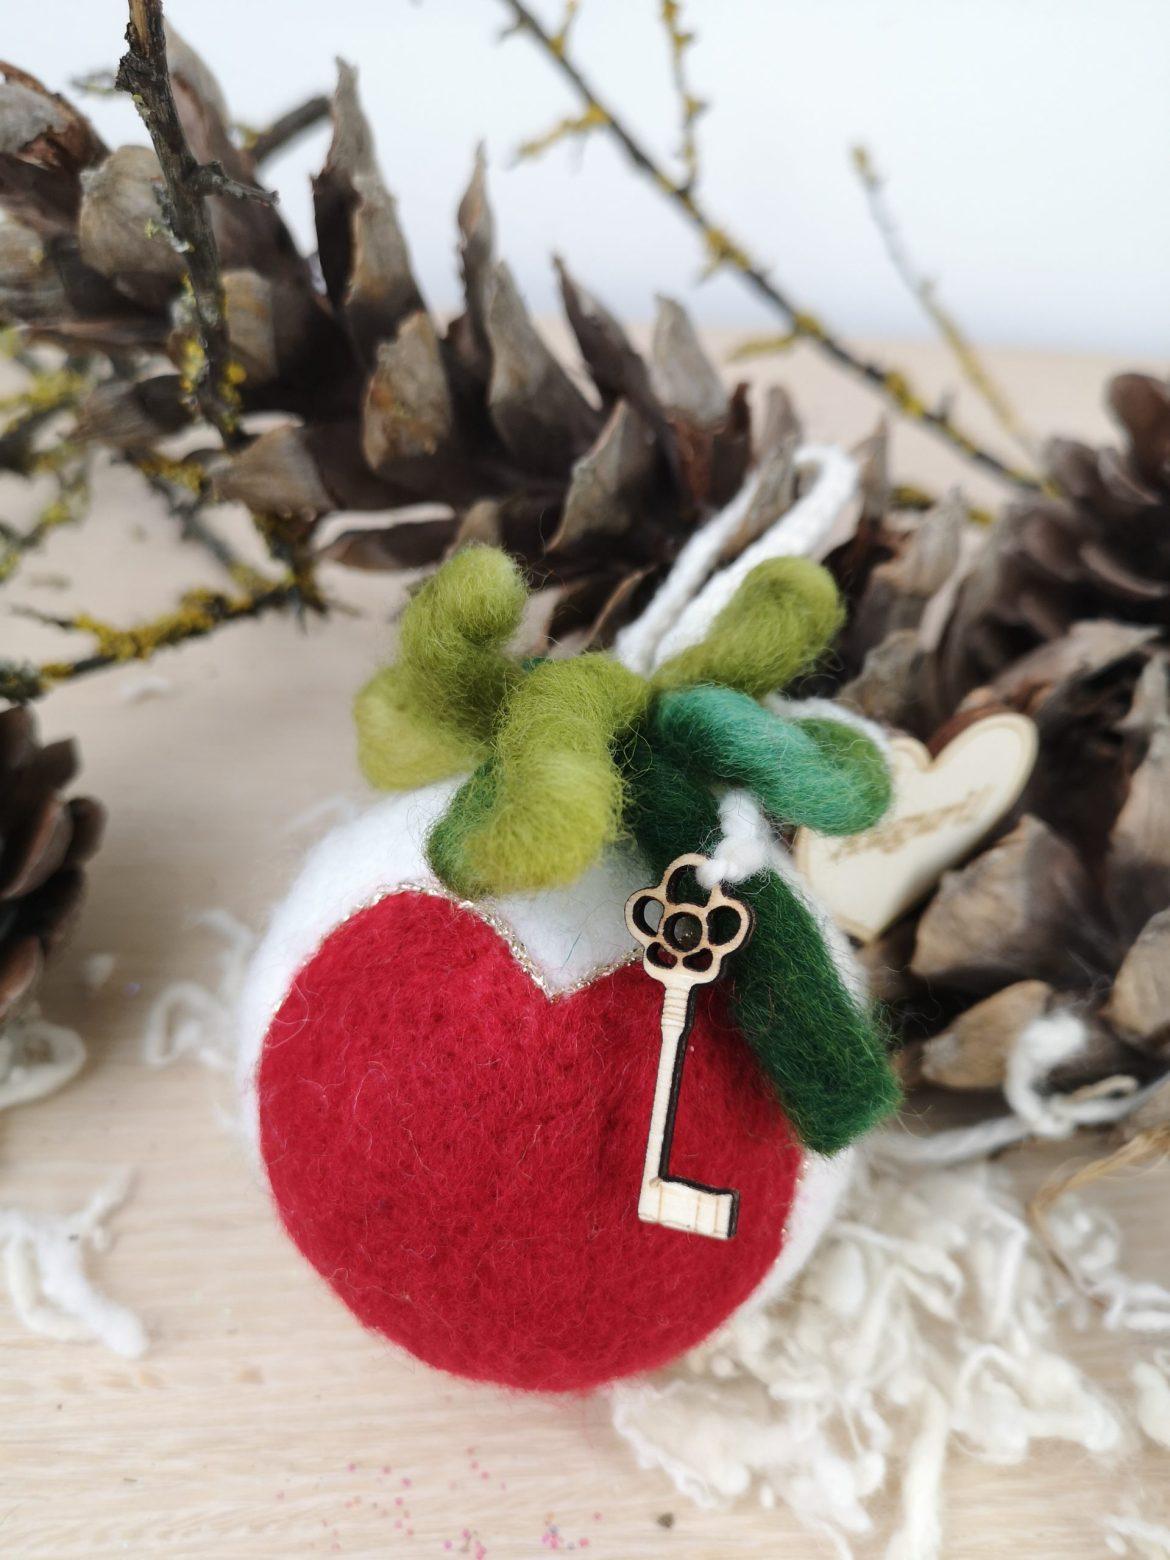 Regali di Natale 2020: idee regalo di Sogni di Cinzia, pallina rossa